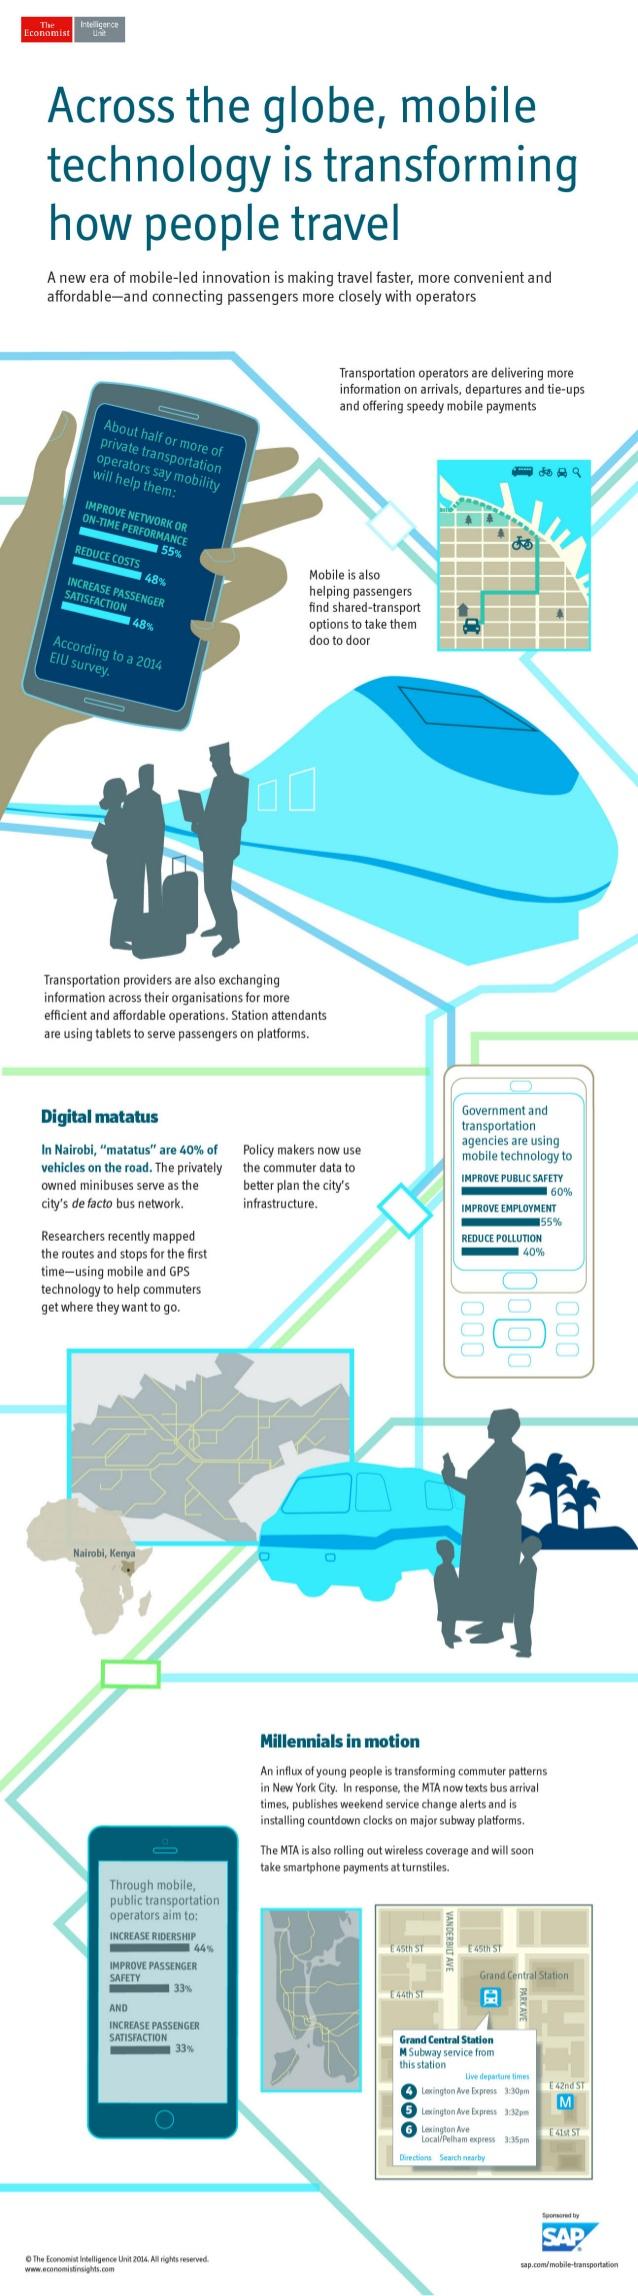 Cómo ha cambiado la forma de viajar la tecnología móvil